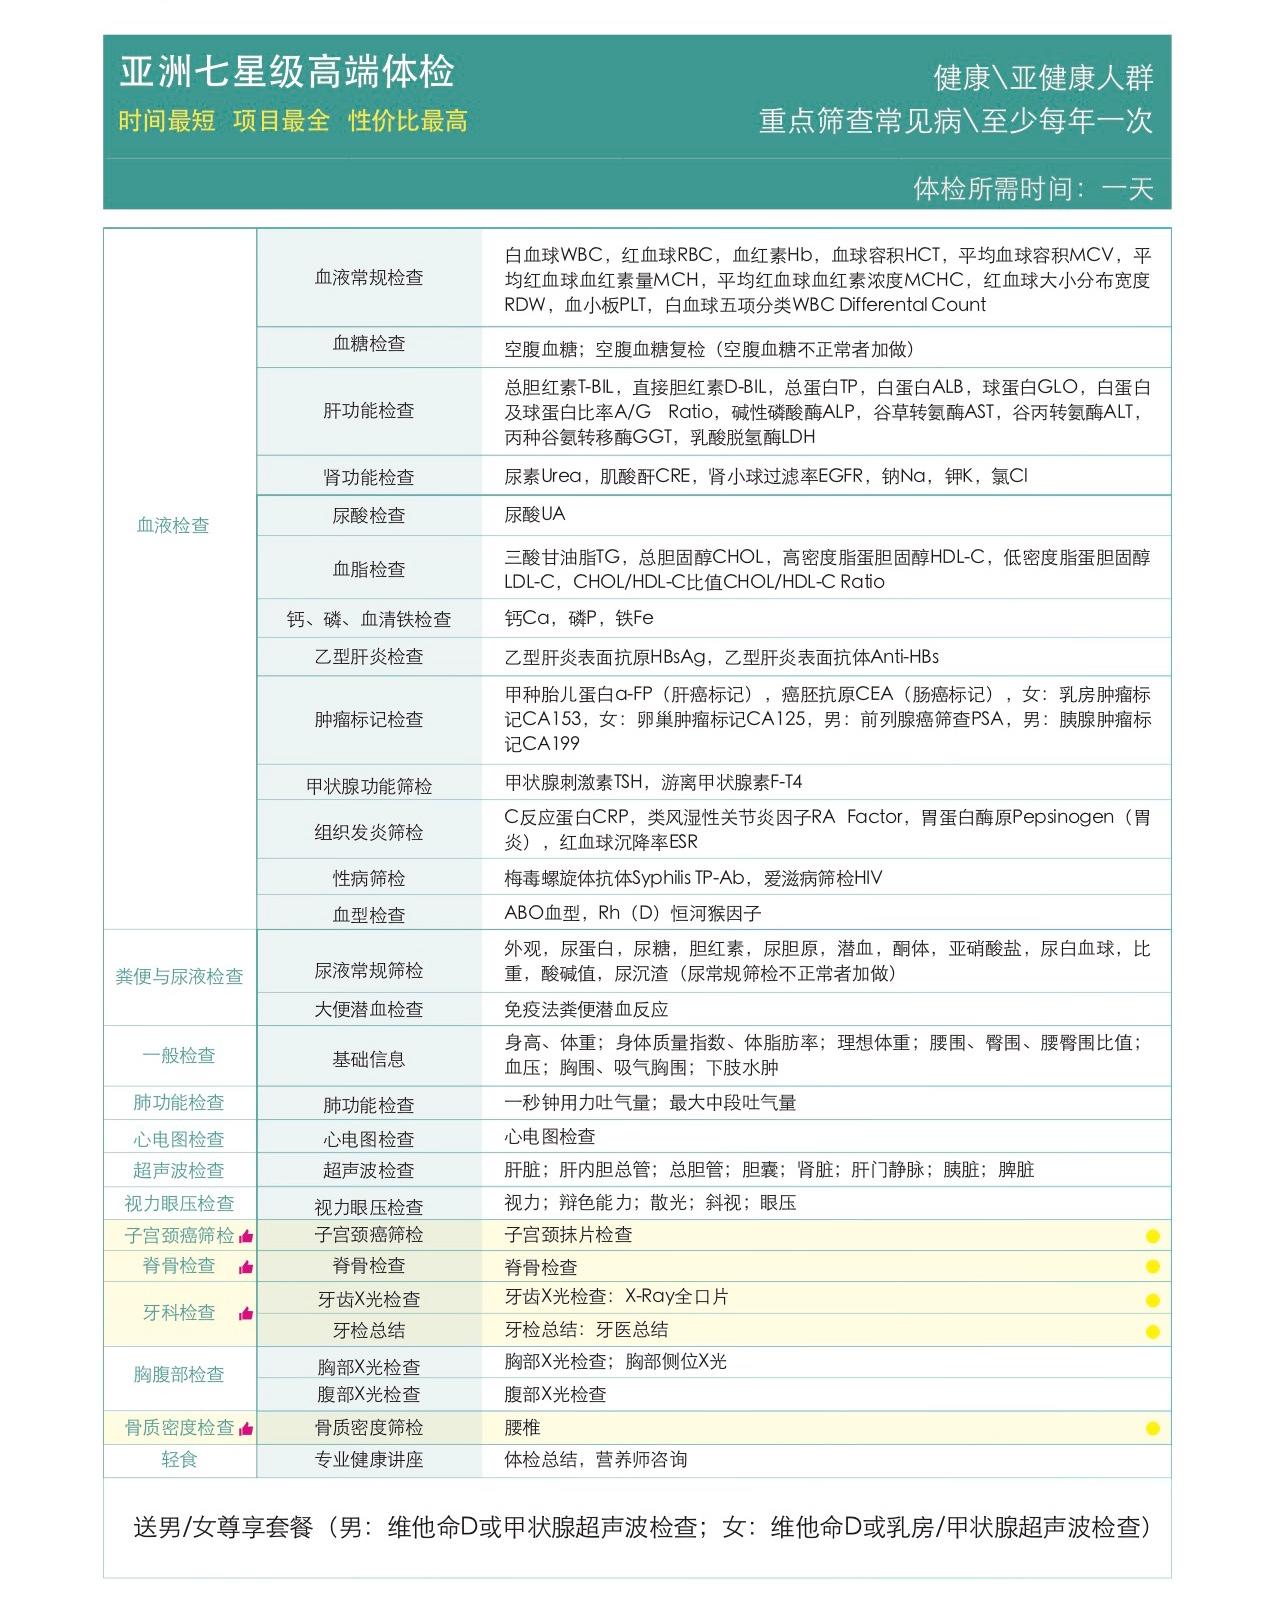 香港仁和亚洲七星级体检套餐副本.jpg